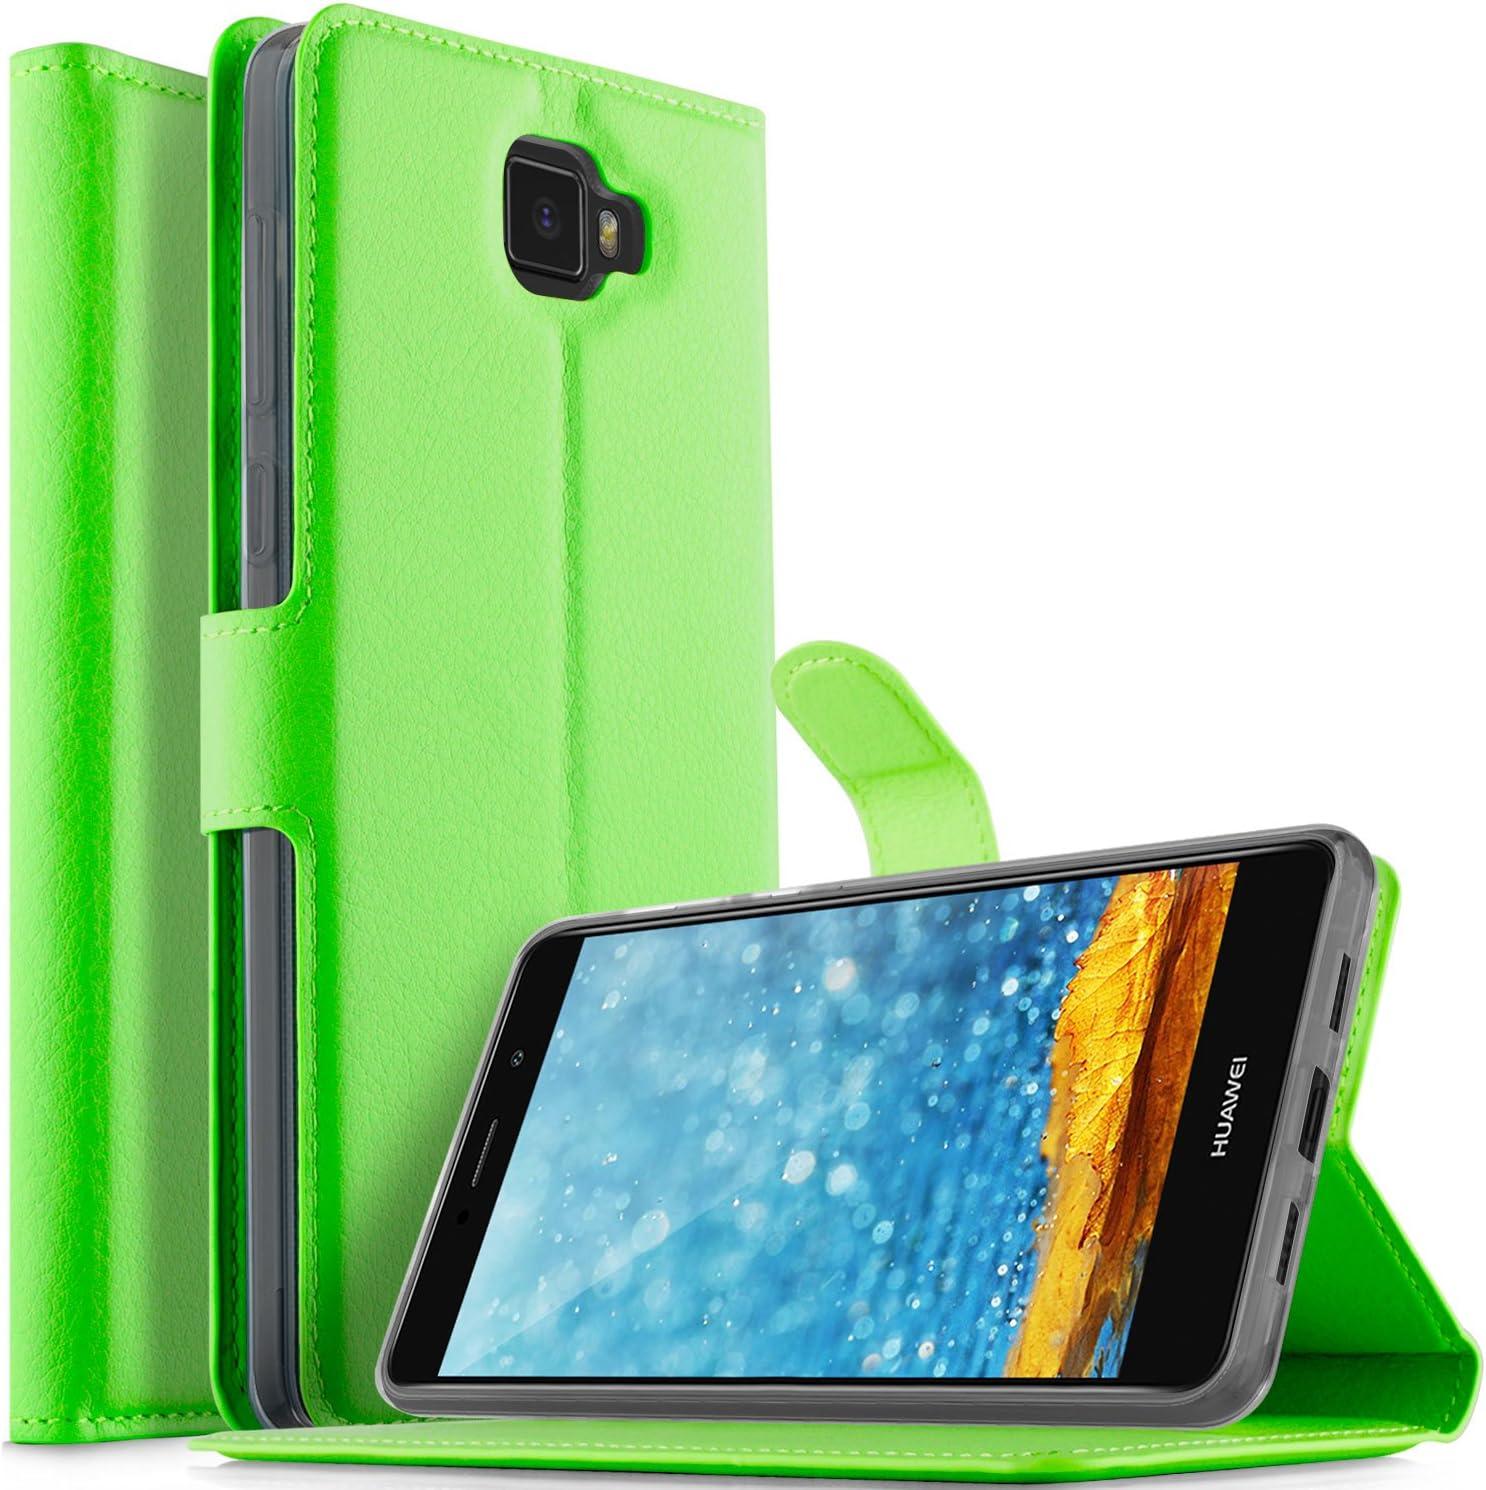 Kugi Elephone S8 Funda, Slim Flip Cover Carcasa Billetera Cartera ...